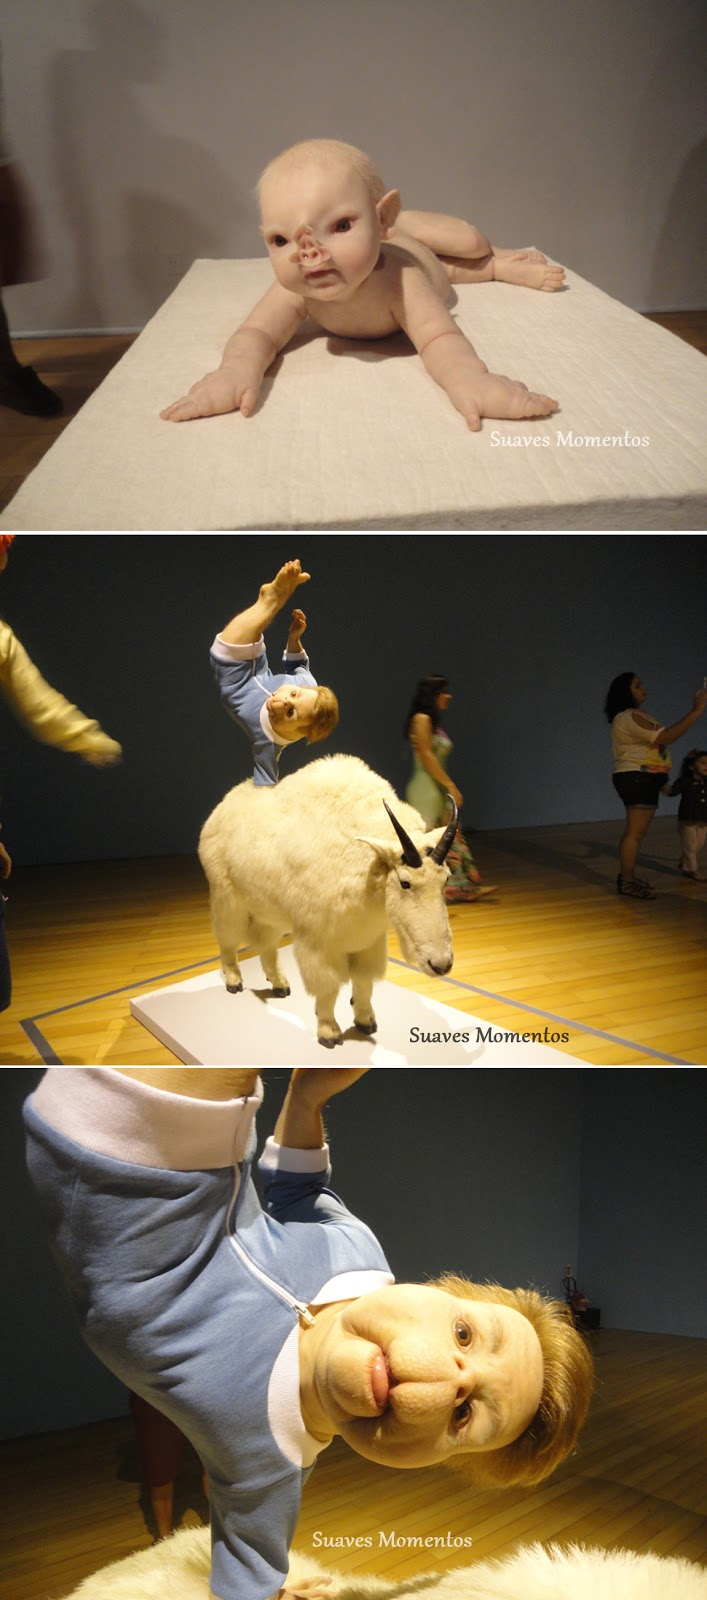 Exposição ComCiência de Patricia Piccinini